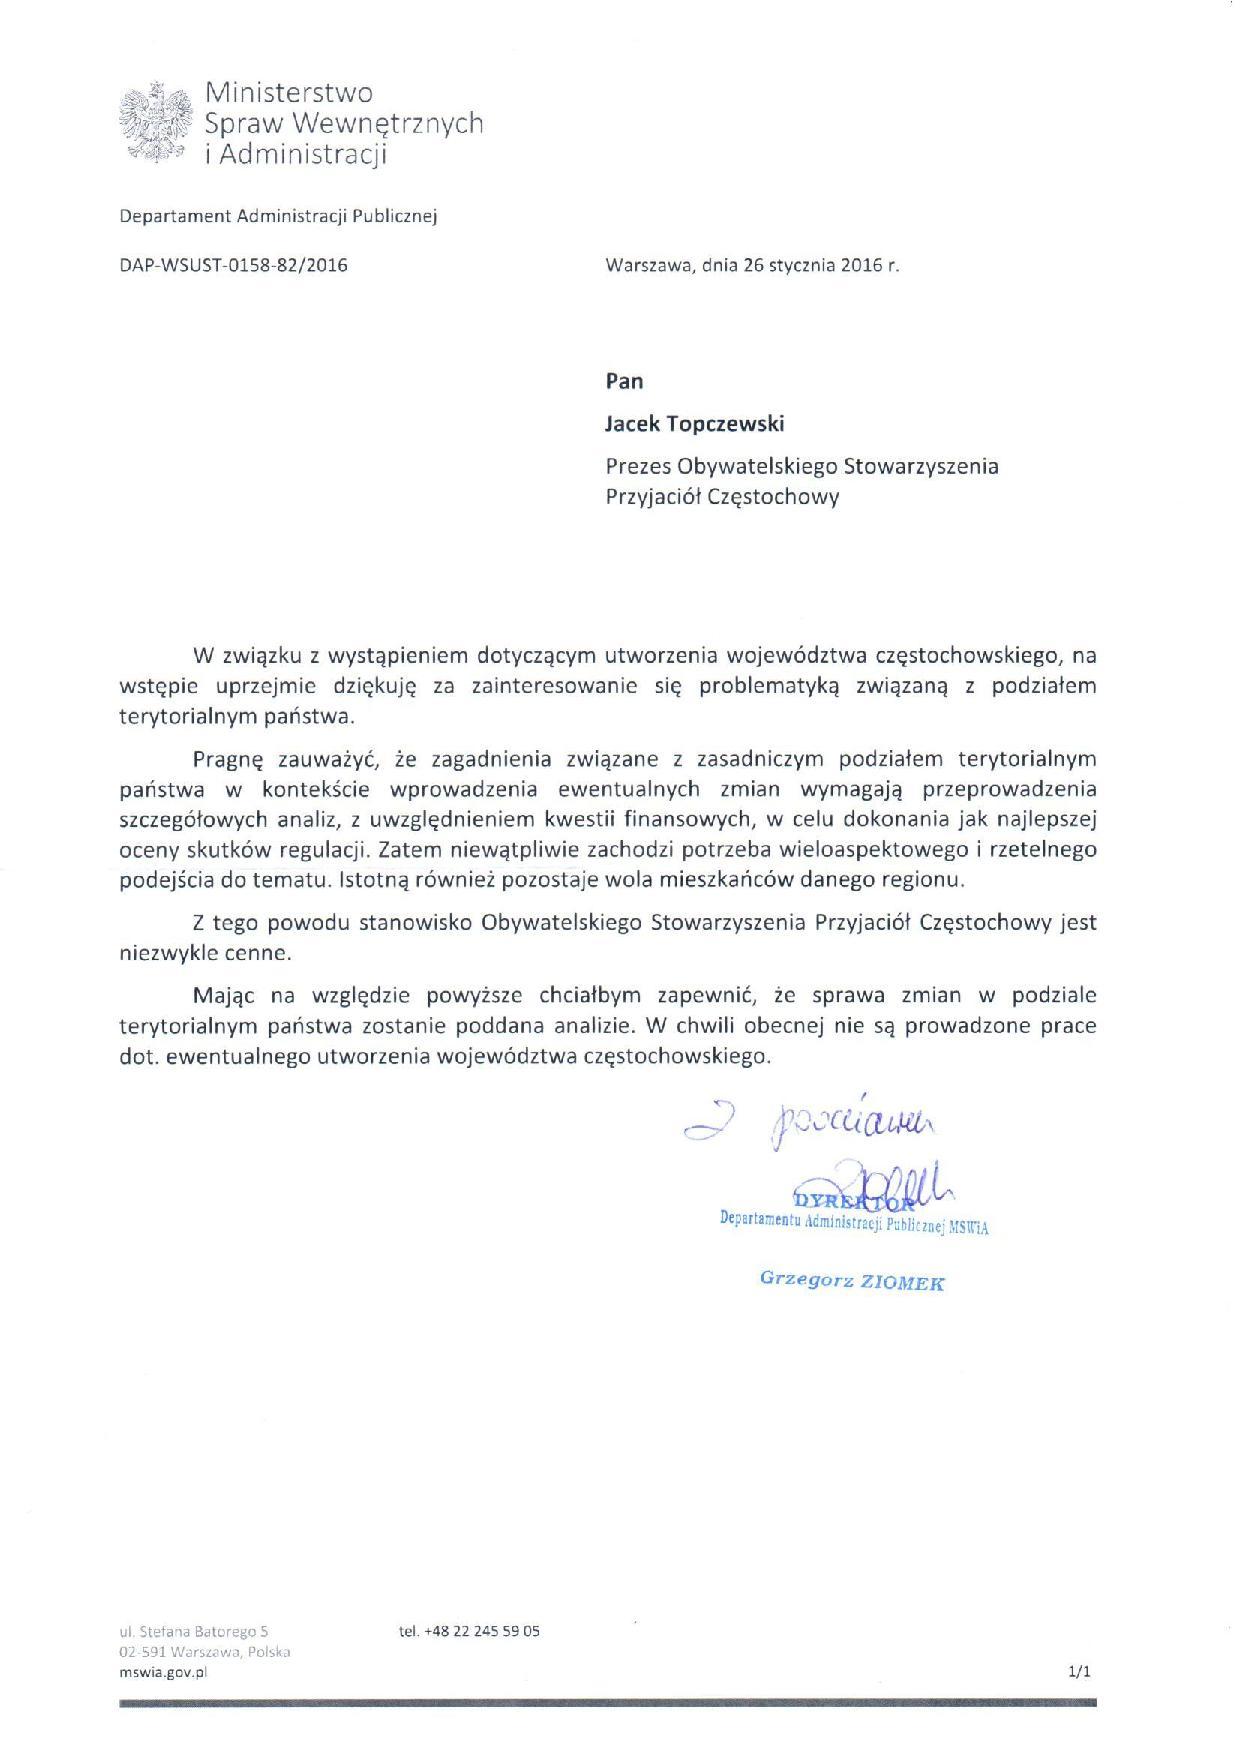 Jest odpowiedź w sprawie województwa częstochowskiego!